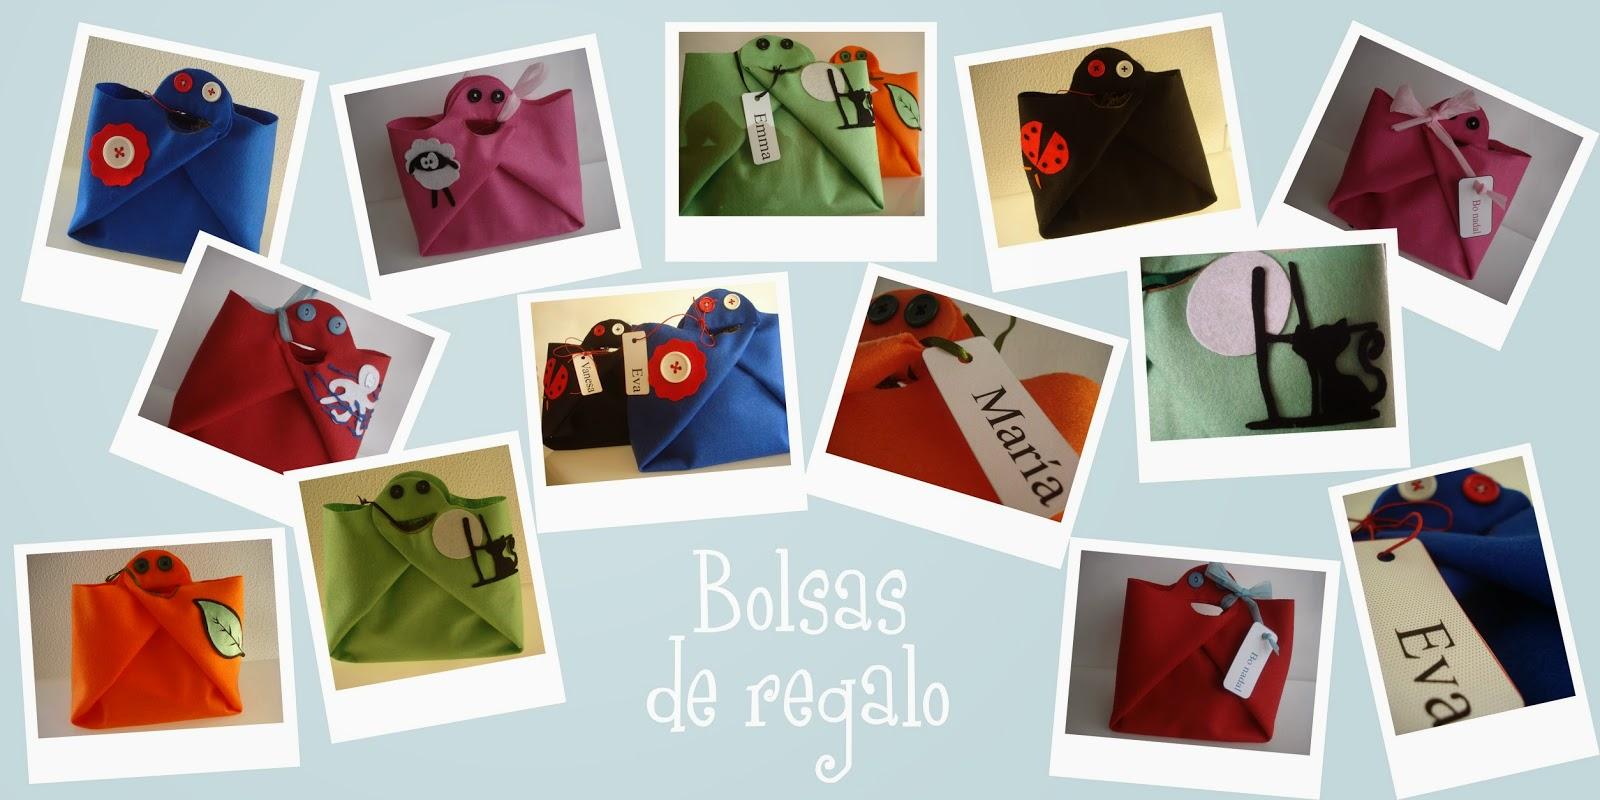 Bolsas de regalo personalizadas con cosméticos ecológicos